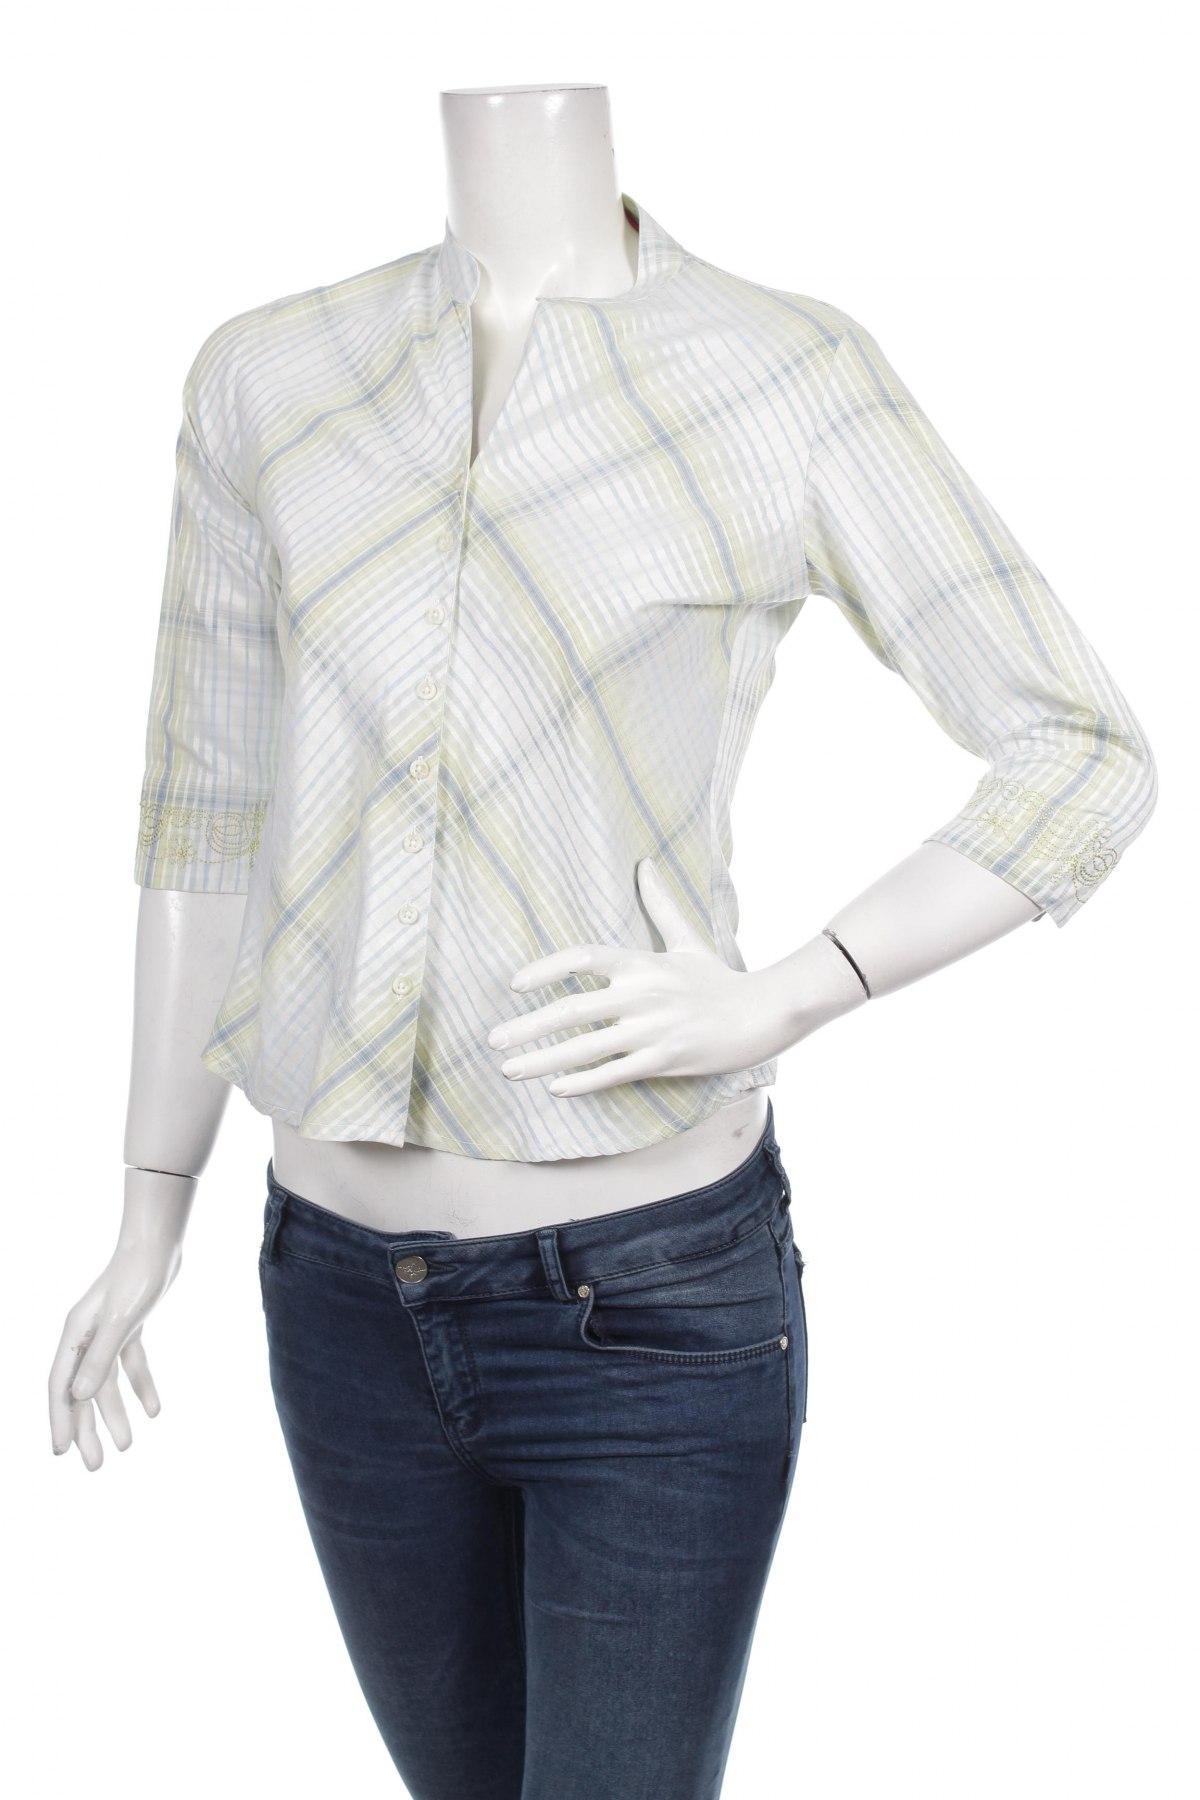 Γυναικείο πουκάμισο, Μέγεθος M, Χρώμα Πολύχρωμο, Τιμή 16,49€